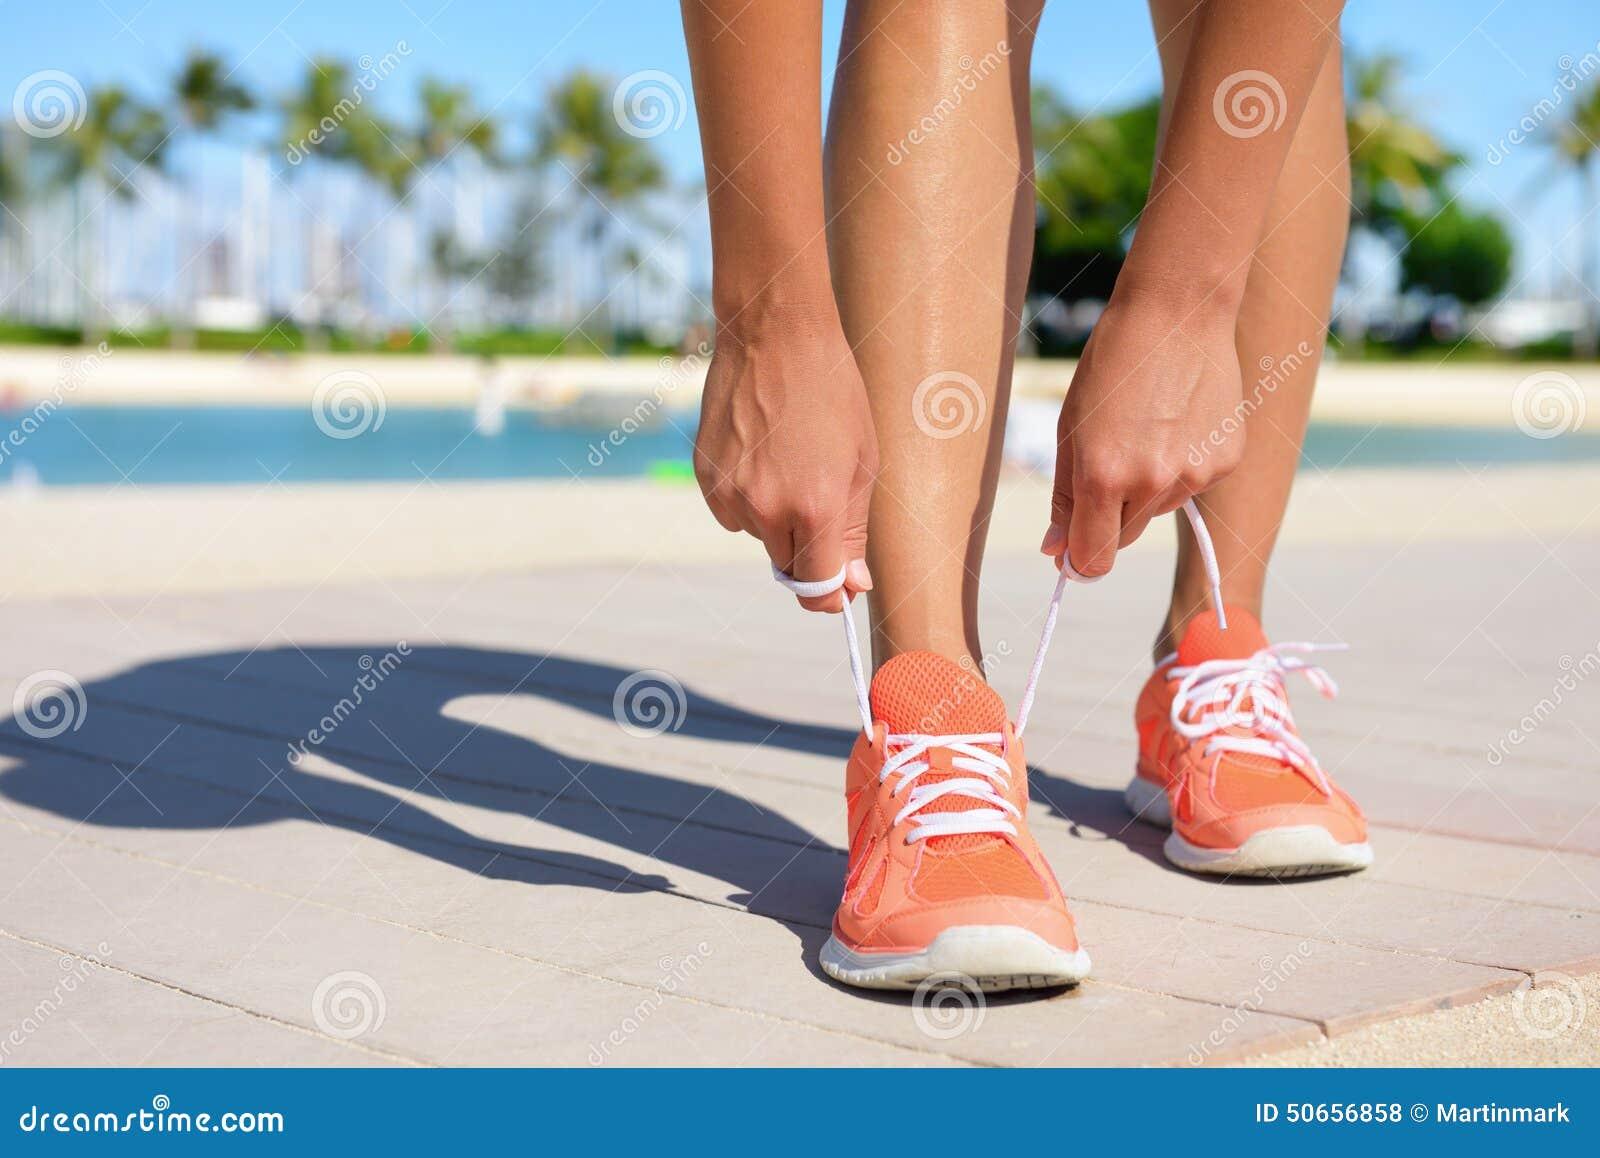 Concepto corriente de la forma de vida del ejercicio de la aptitud del deporte